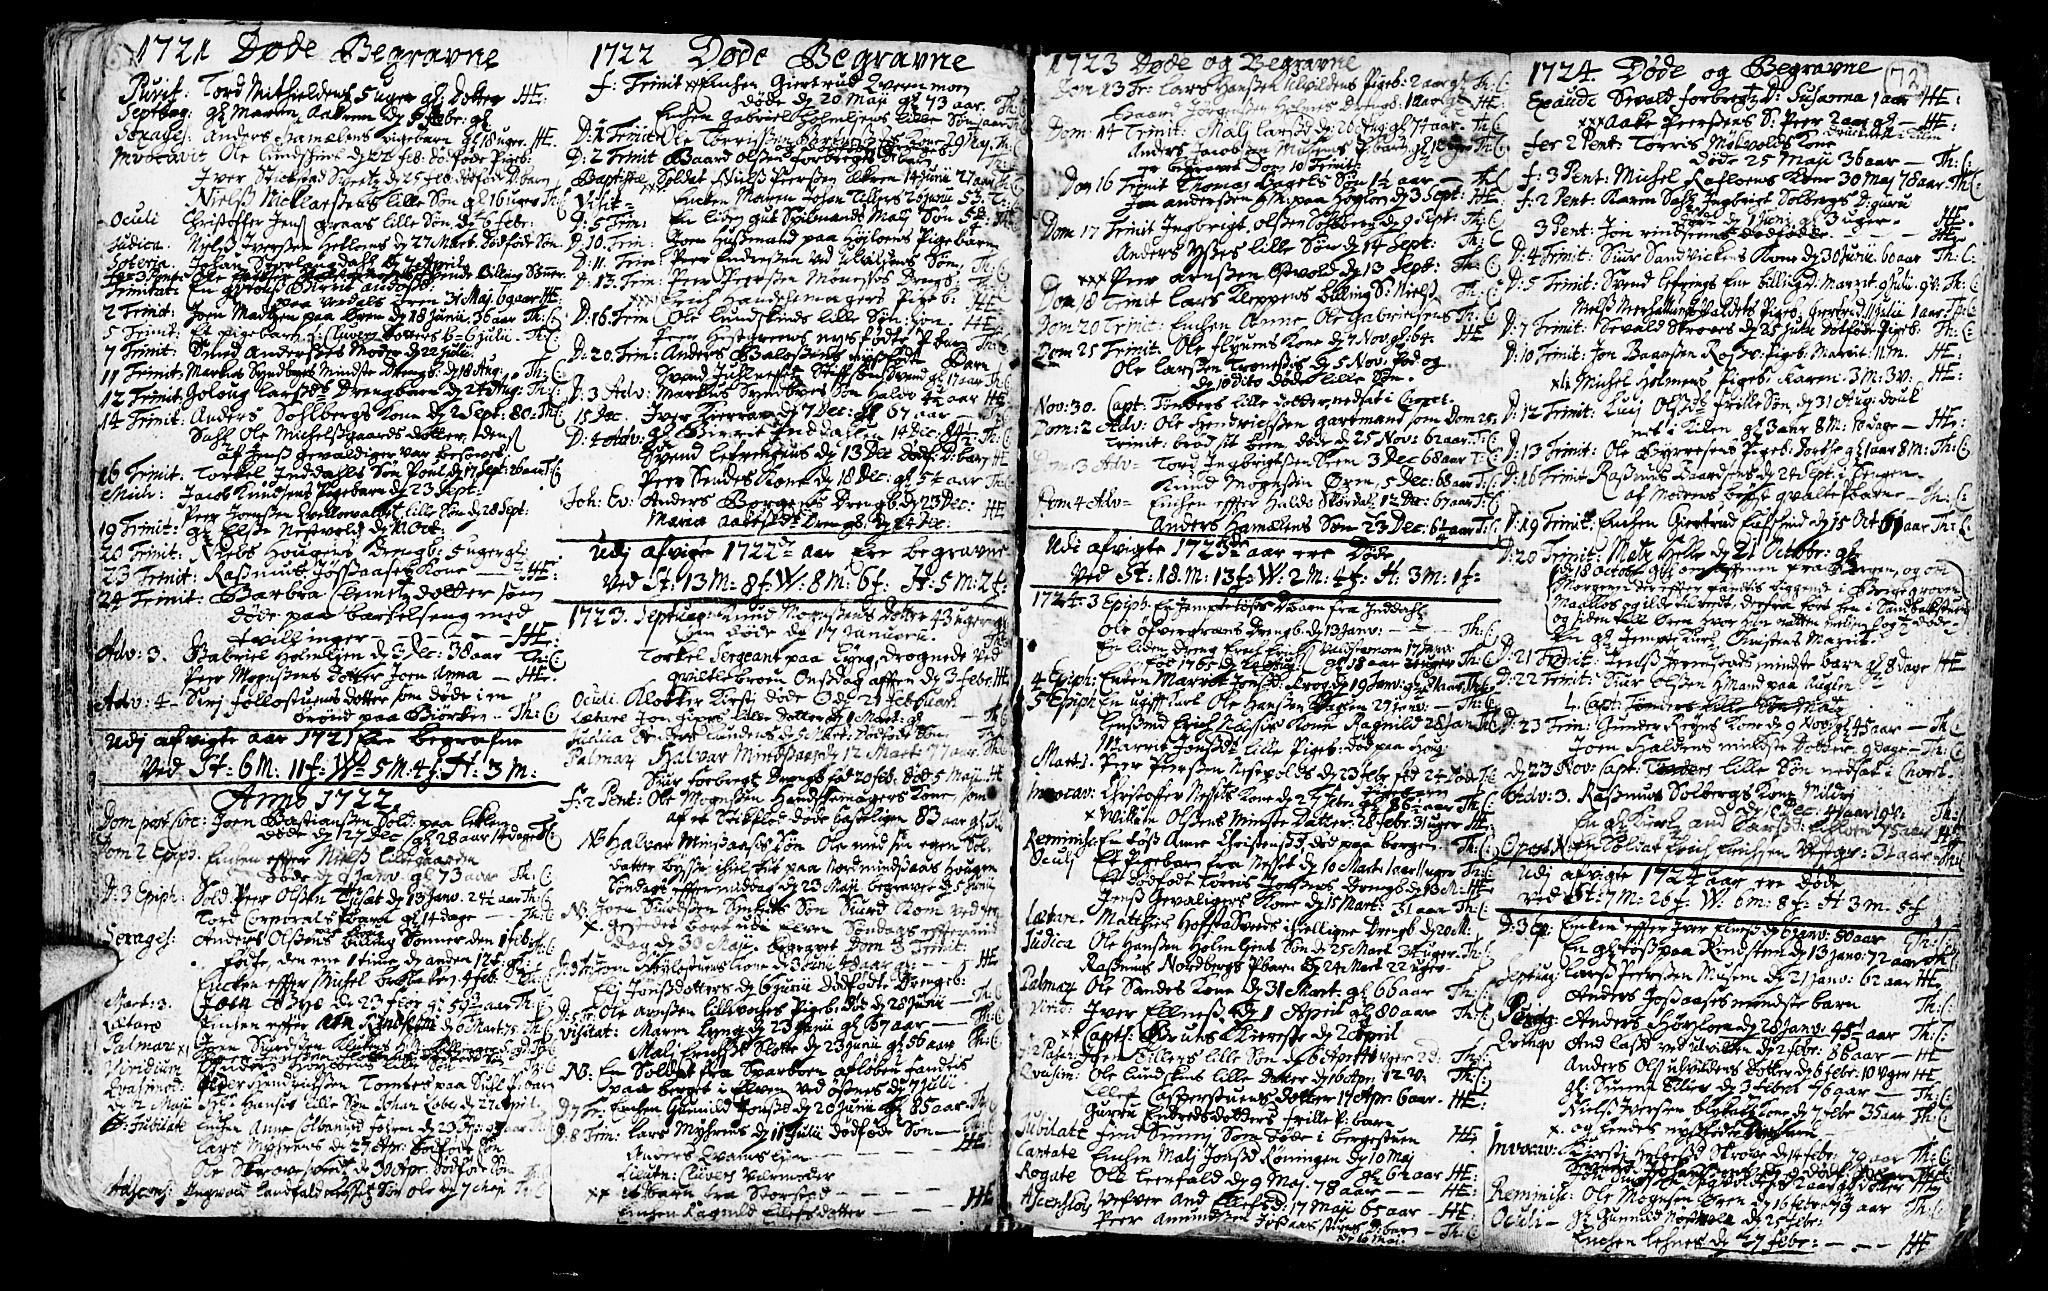 SAT, Ministerialprotokoller, klokkerbøker og fødselsregistre - Nord-Trøndelag, 723/L0230: Ministerialbok nr. 723A01, 1705-1747, s. 72